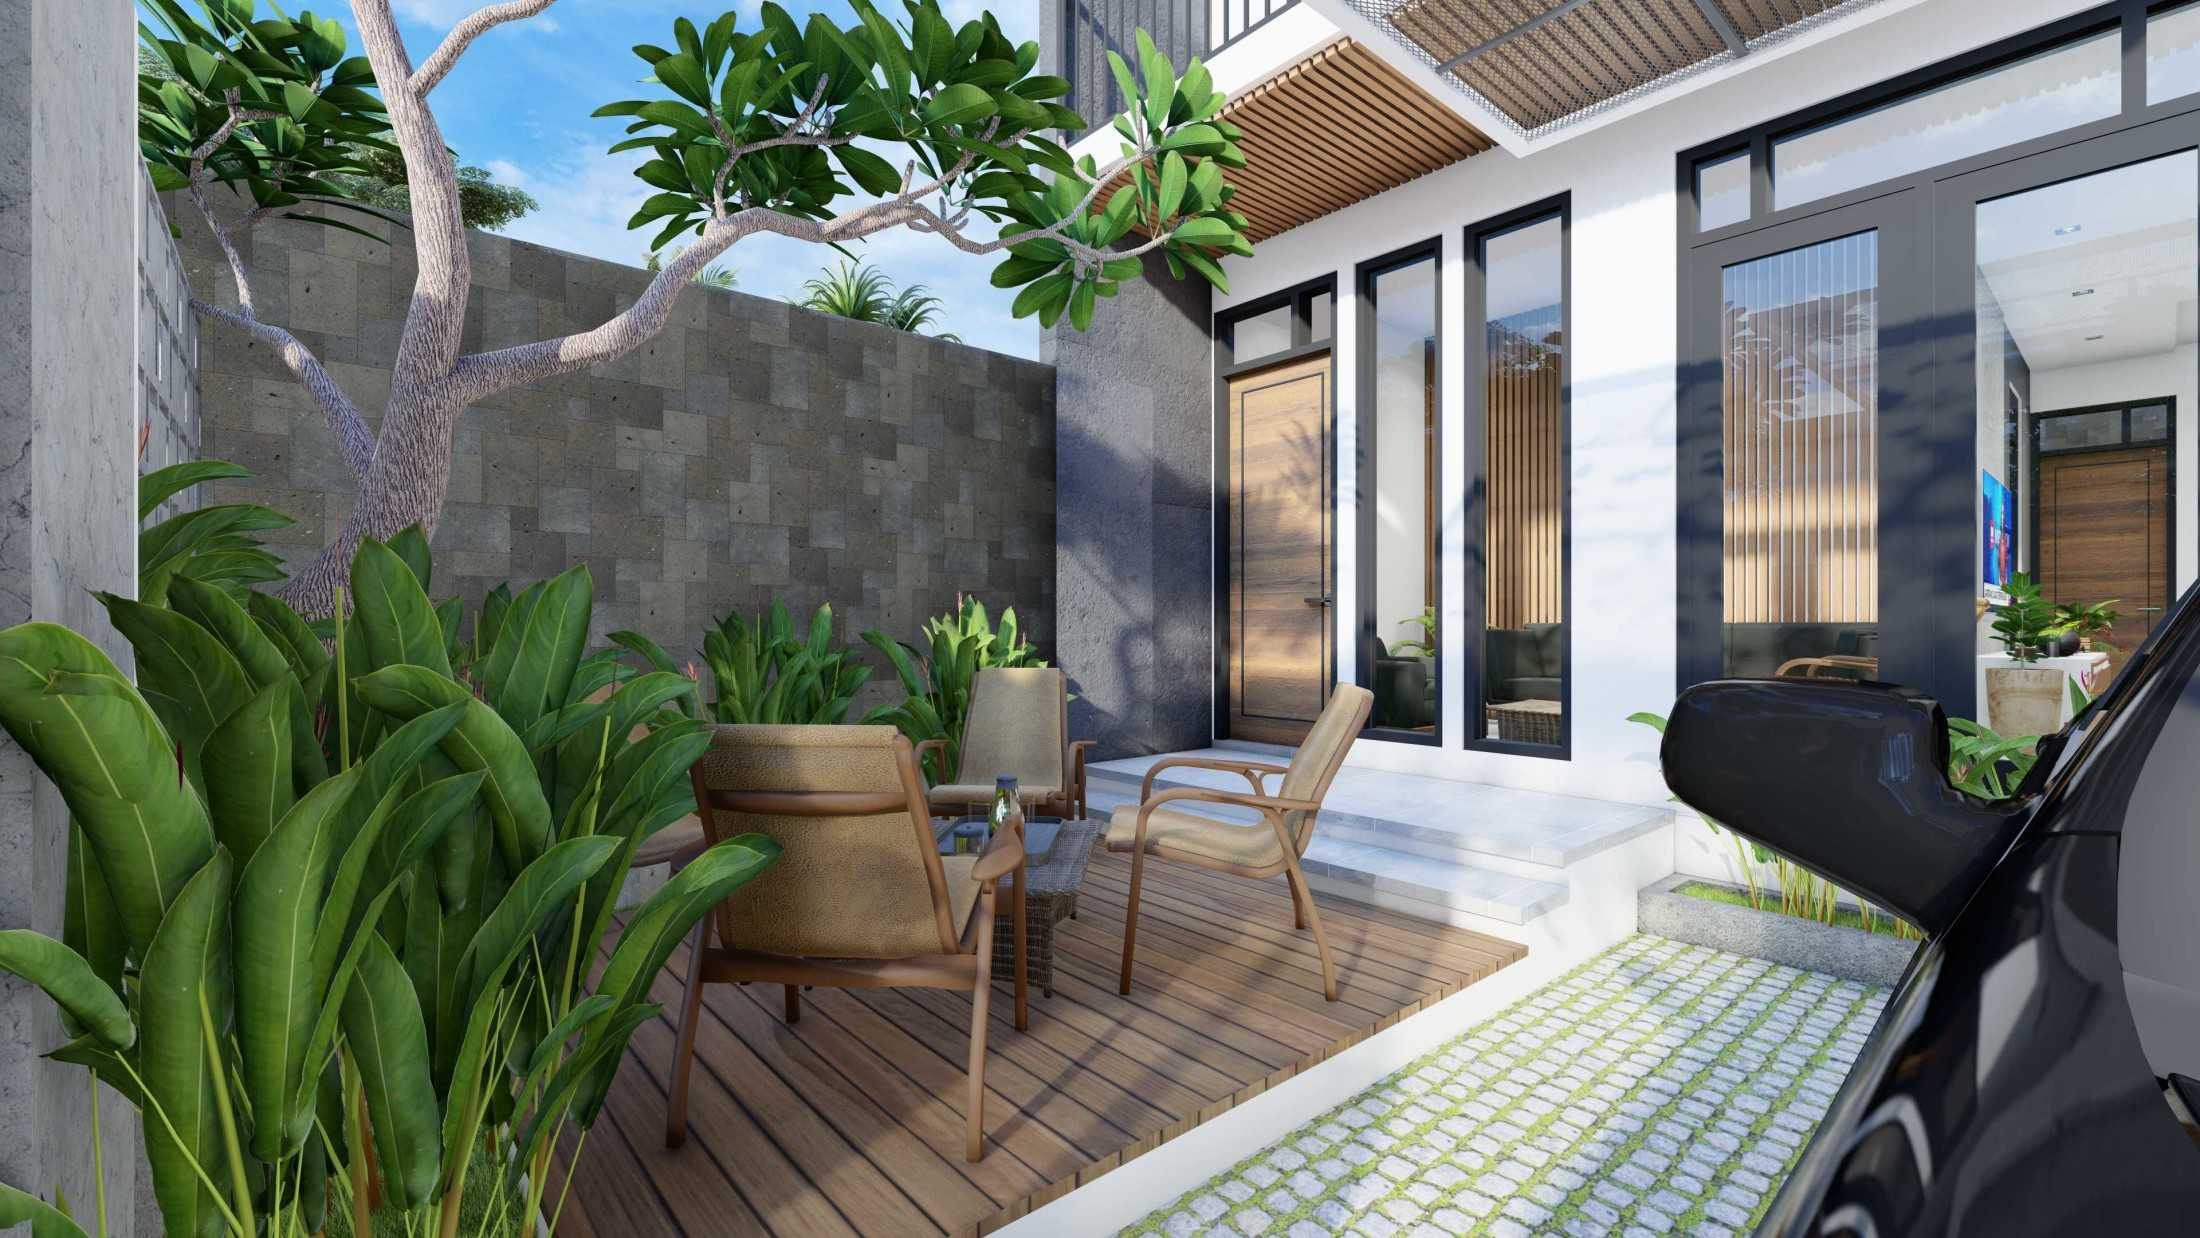 I Gede Yogiantara D. A Rumah Tinggal Pak Yusuf Kota Denpasar, Bali, Indonesia Kota Denpasar, Bali, Indonesia I-Gede-Yogiantara-D-A-Rumah-Tinggal-Pak-Yusuf  109957